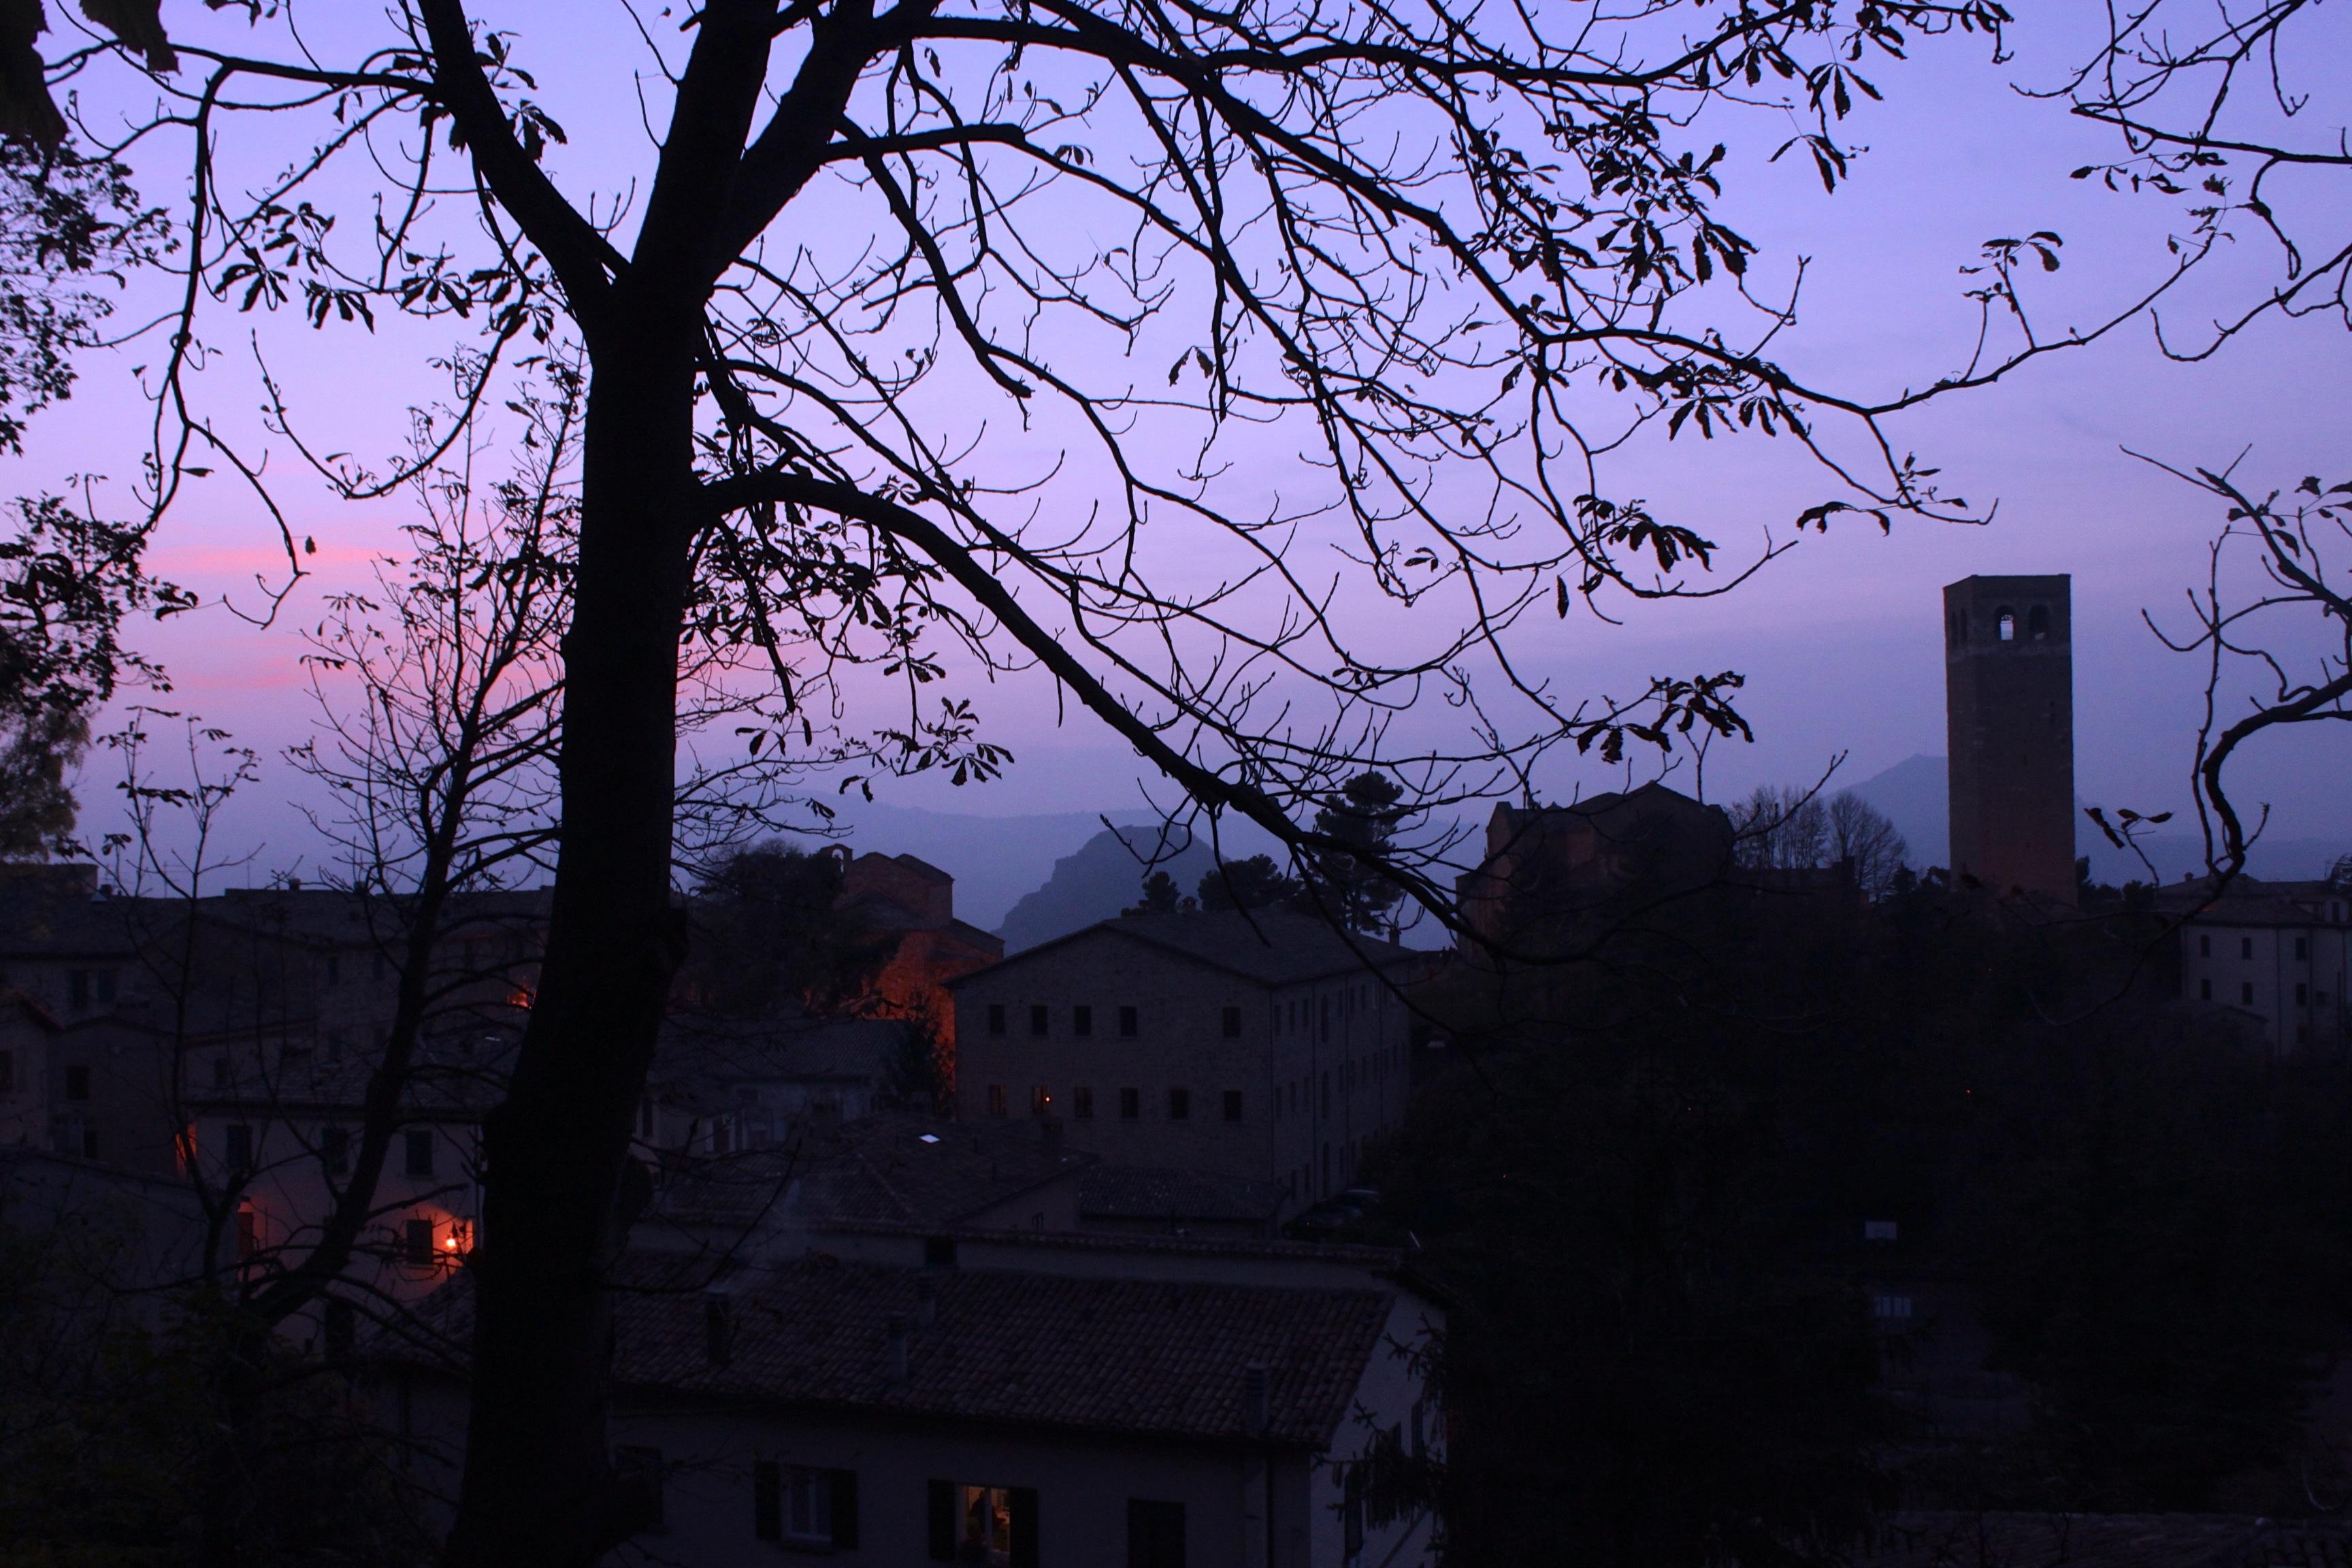 san leo al tramonto